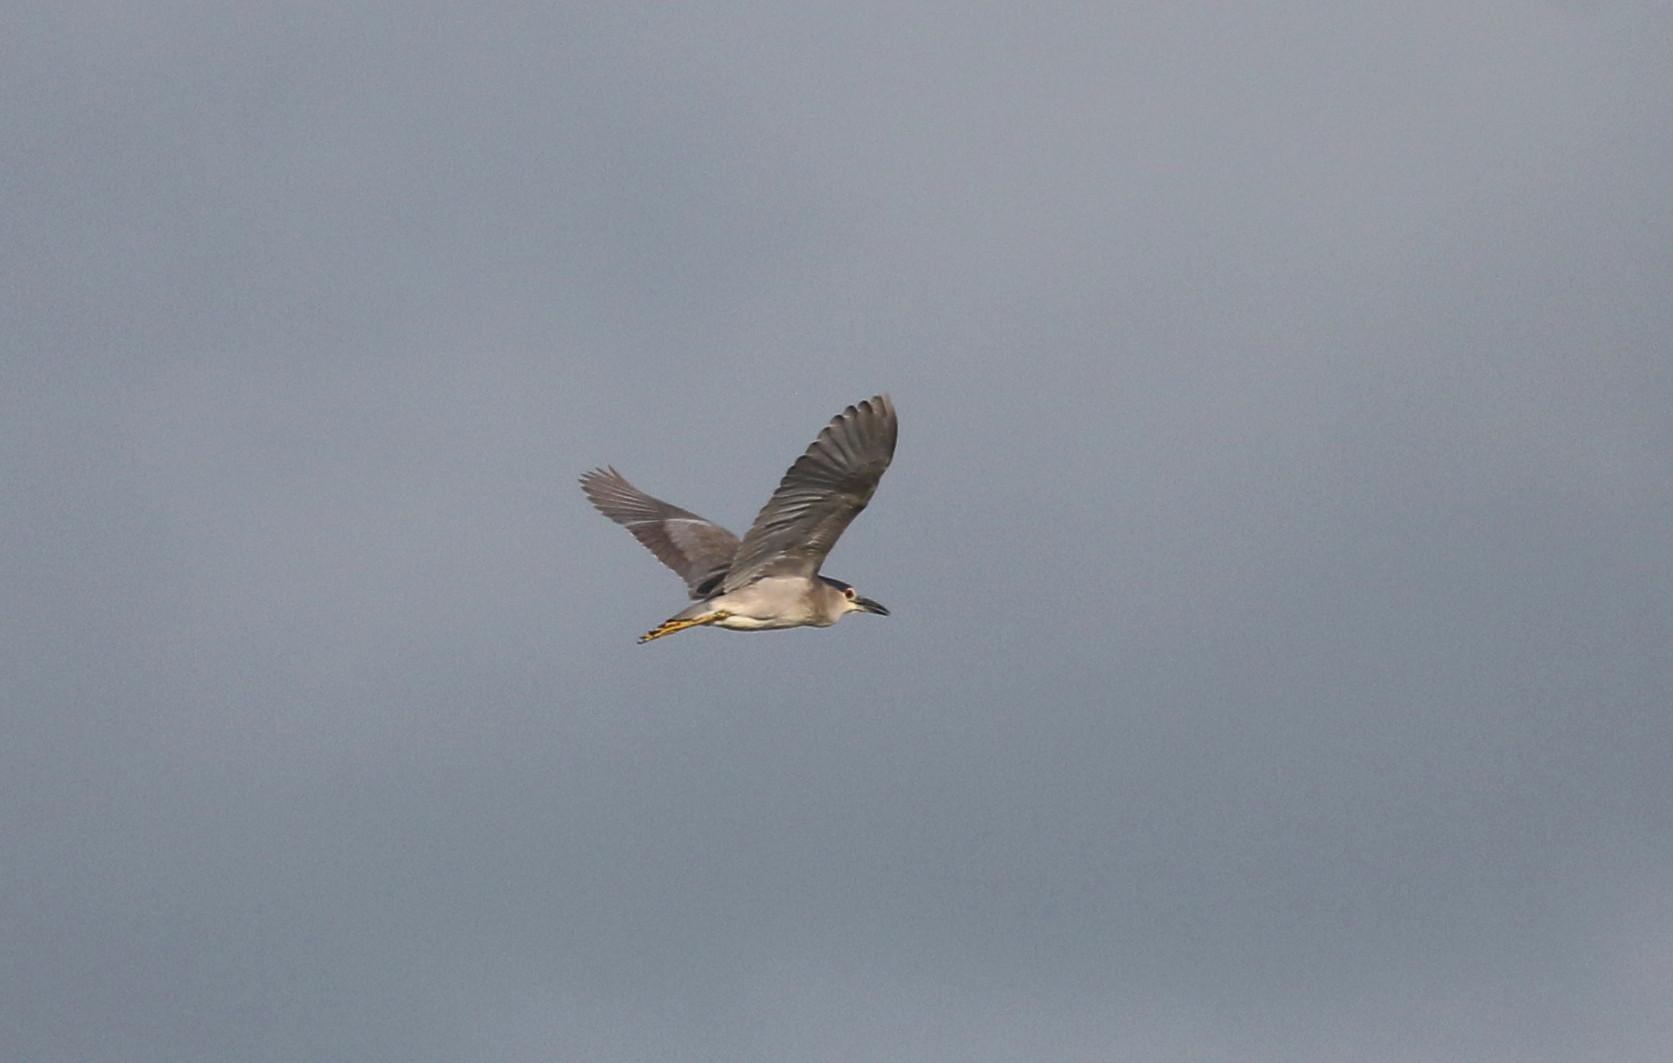 蓮池のヨシゴイ幼鳥が飛んだ_f0239515_9384950.jpg